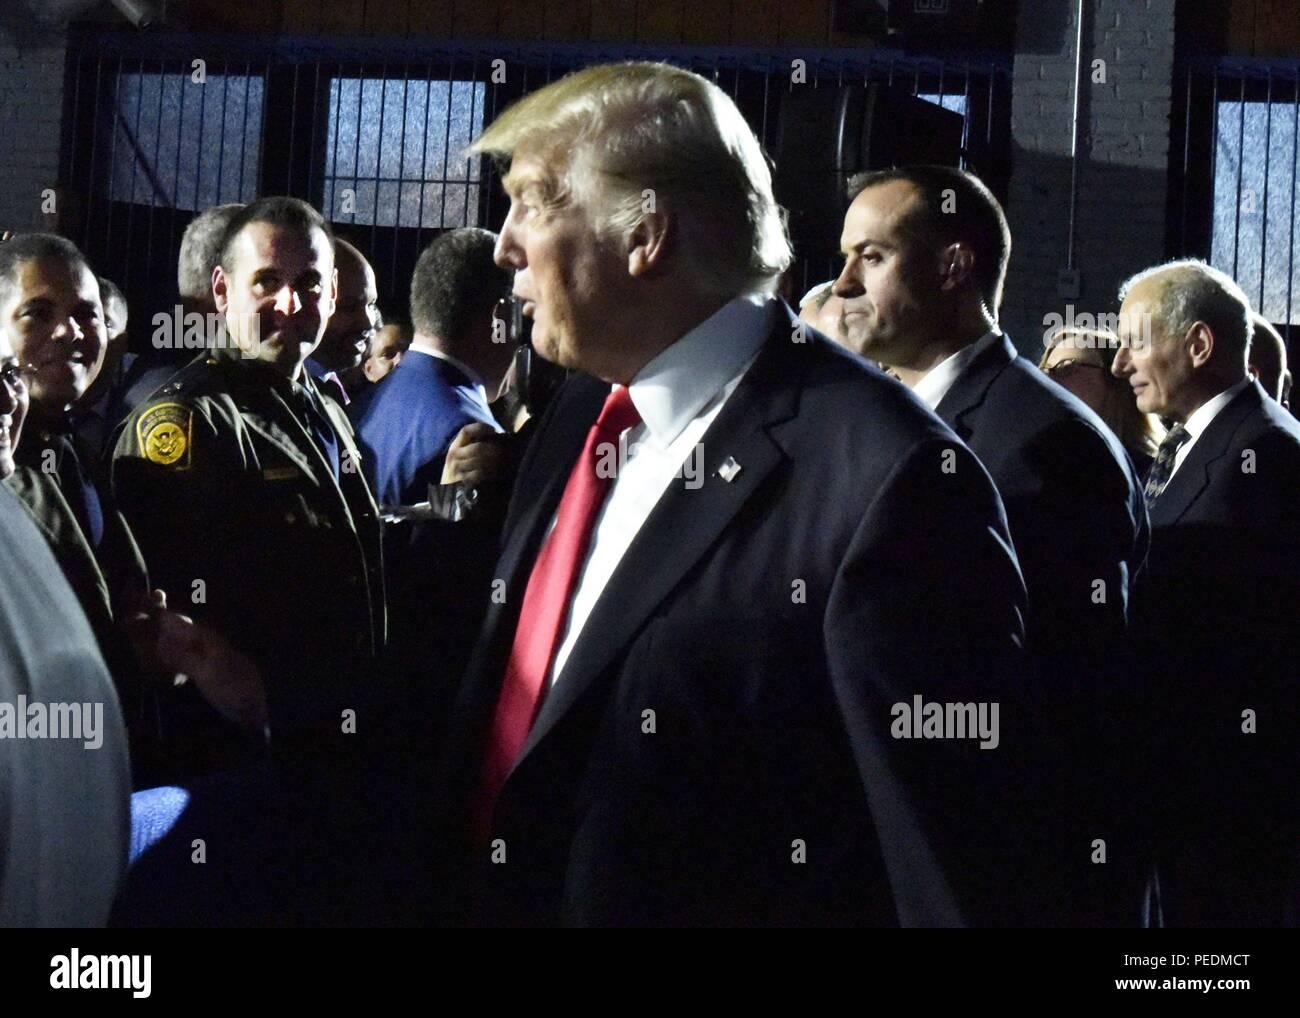 Presidente Donald Trump e Vice Presidente Mike Pence visita il Dipartimento della Sicurezza Interna degli Stati Uniti in Washington, DC, 2017. Gazzetta DHS foto di Barry Bahler. () Foto Stock